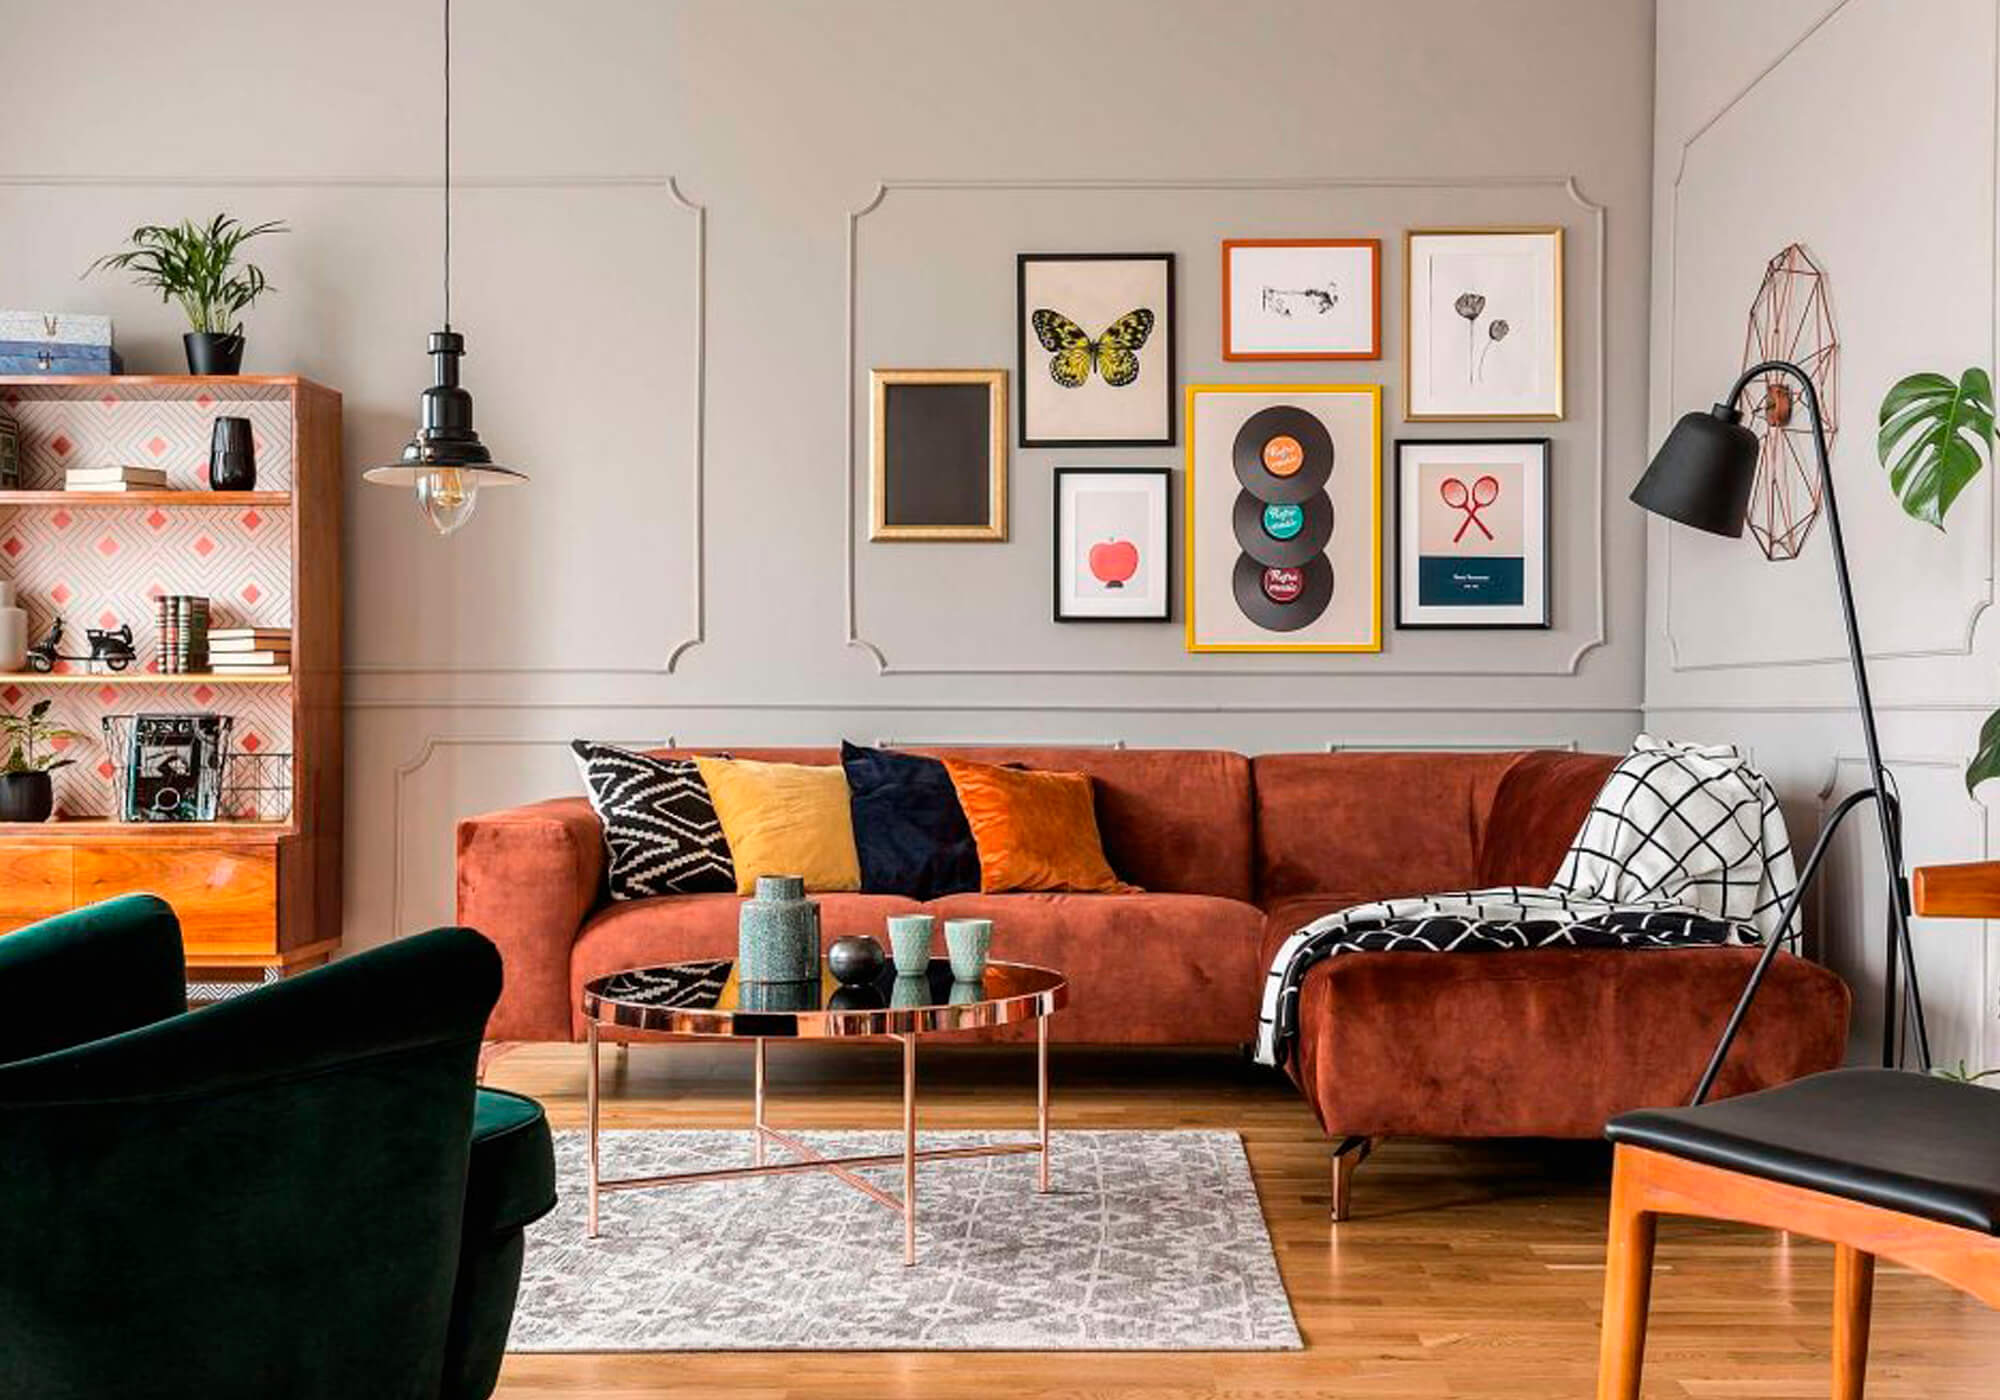 sala com decoração moderna e requintada